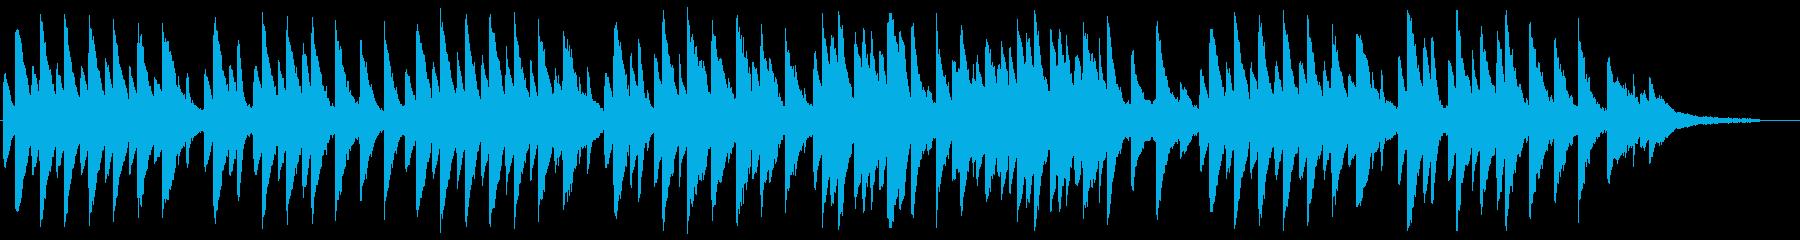 しっとり繊細で柔らかいお洒落なピアノの曲の再生済みの波形